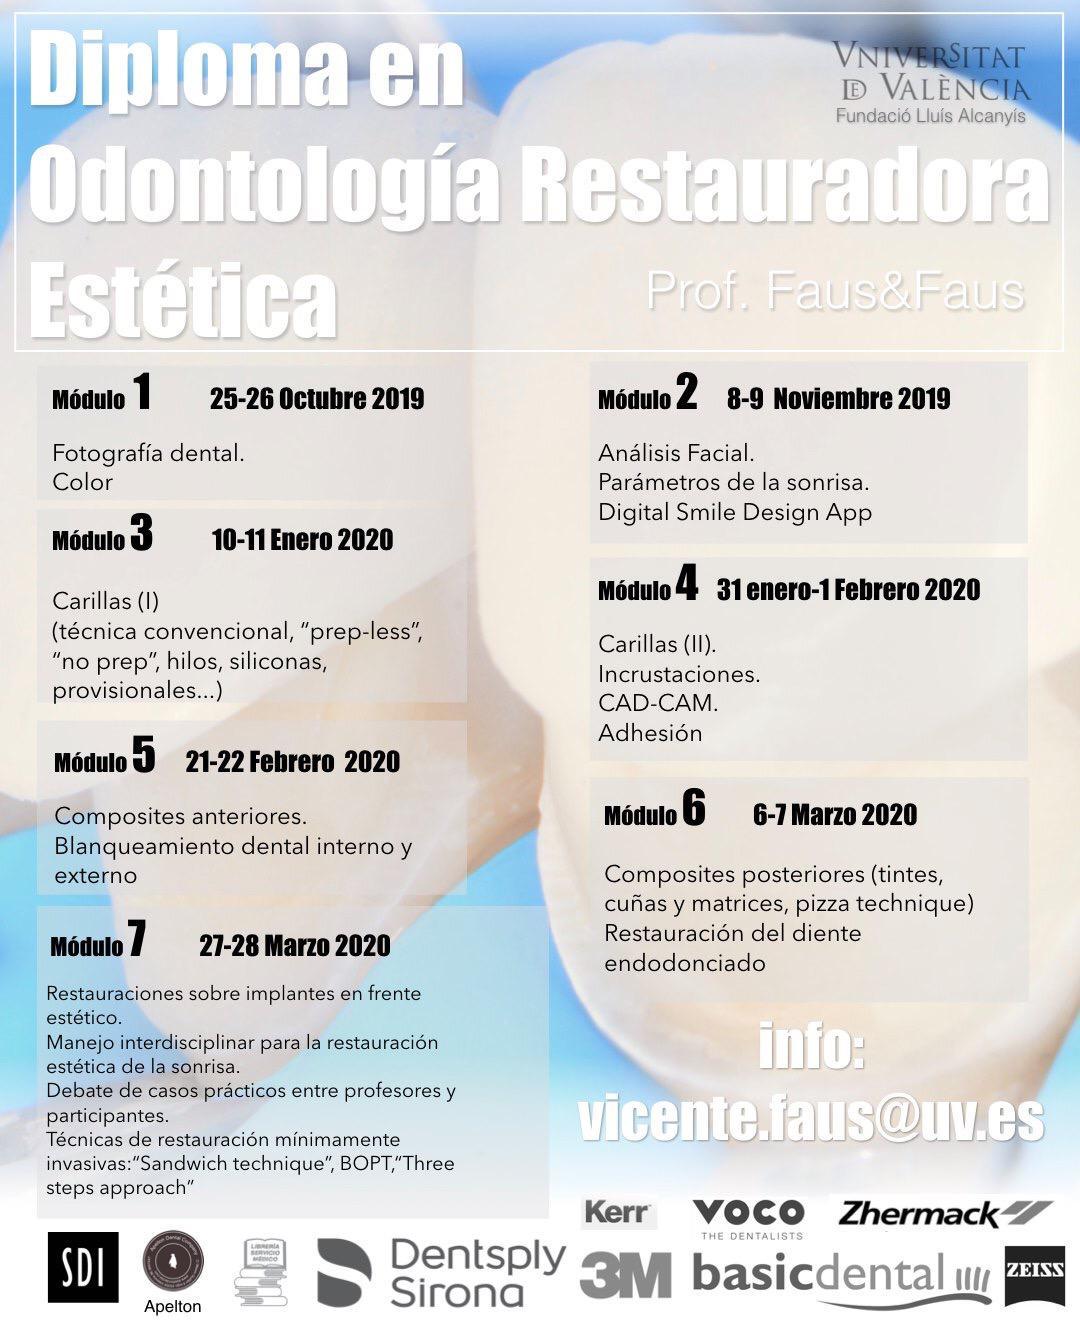 DIPLOMA EN ODONTOLOGIA RESTAURADORA ESTETICA